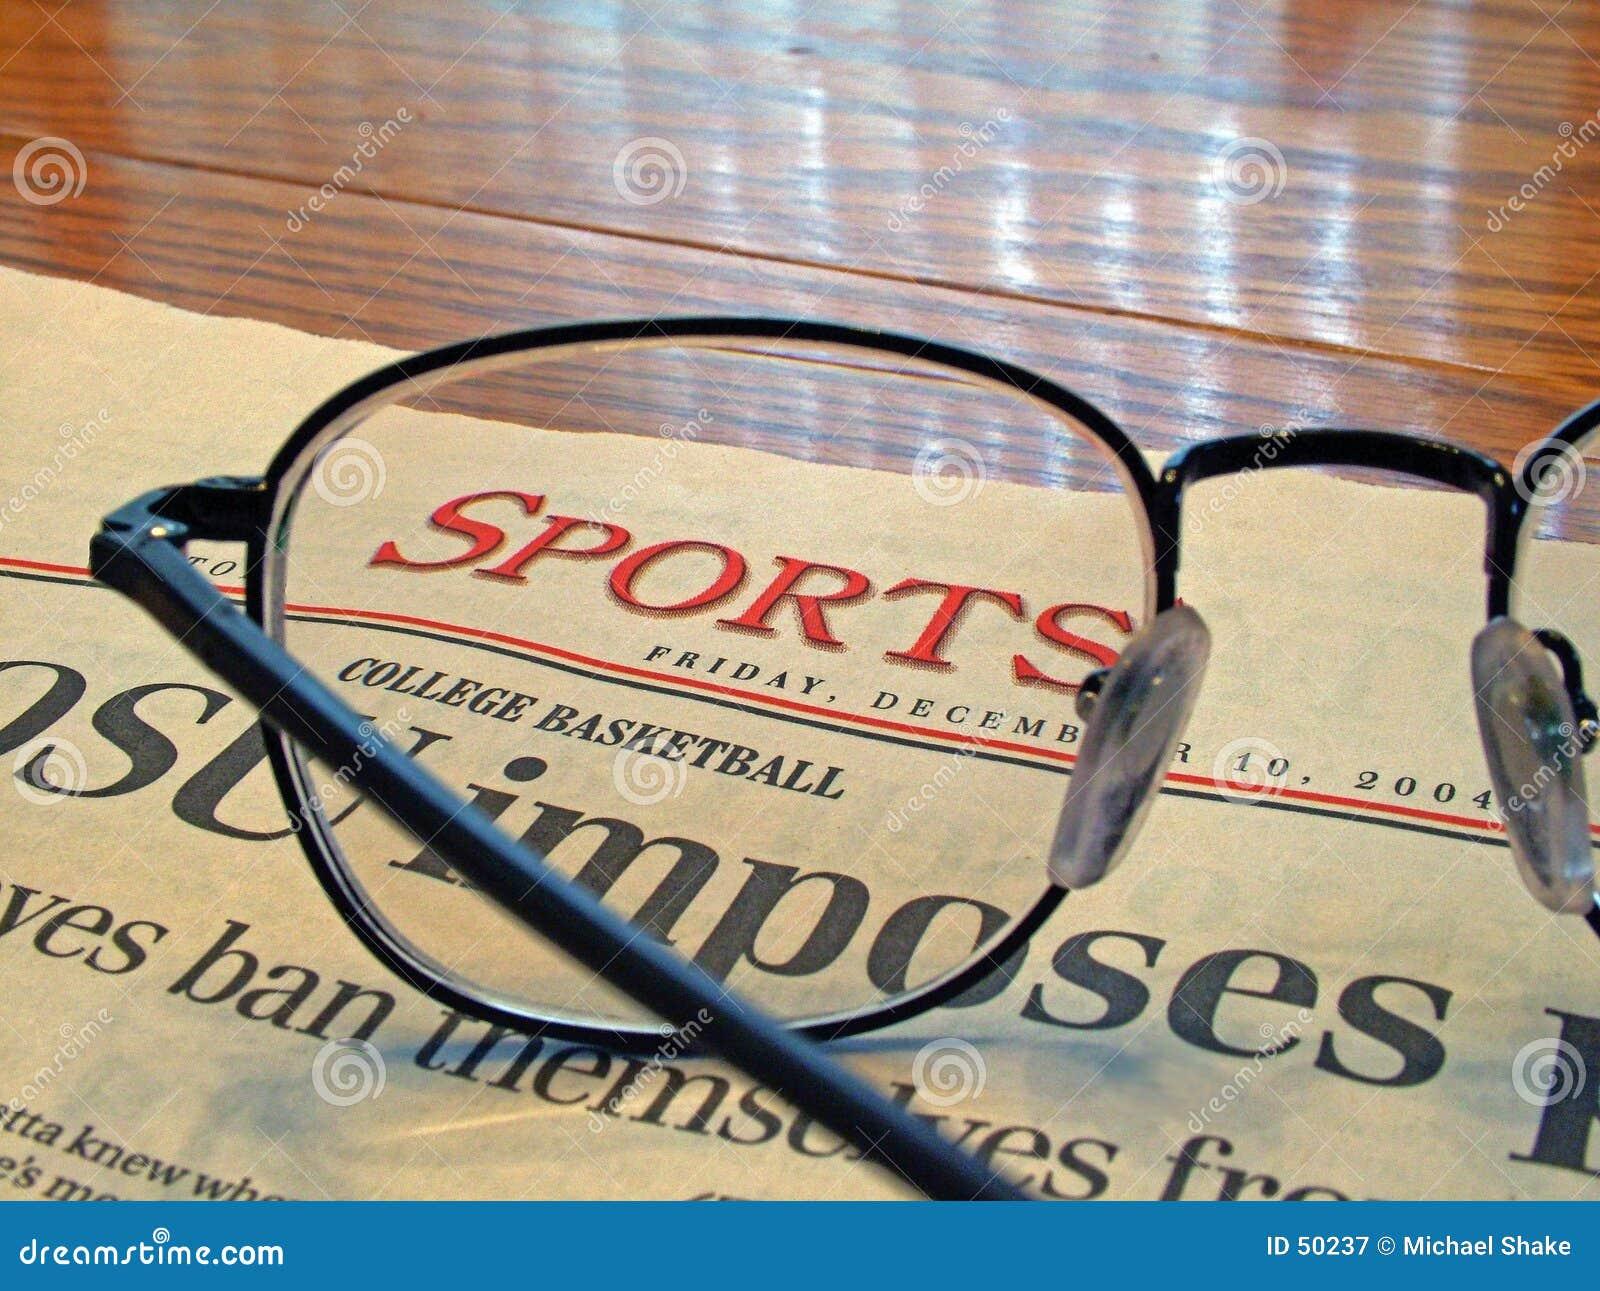 Página de esportes